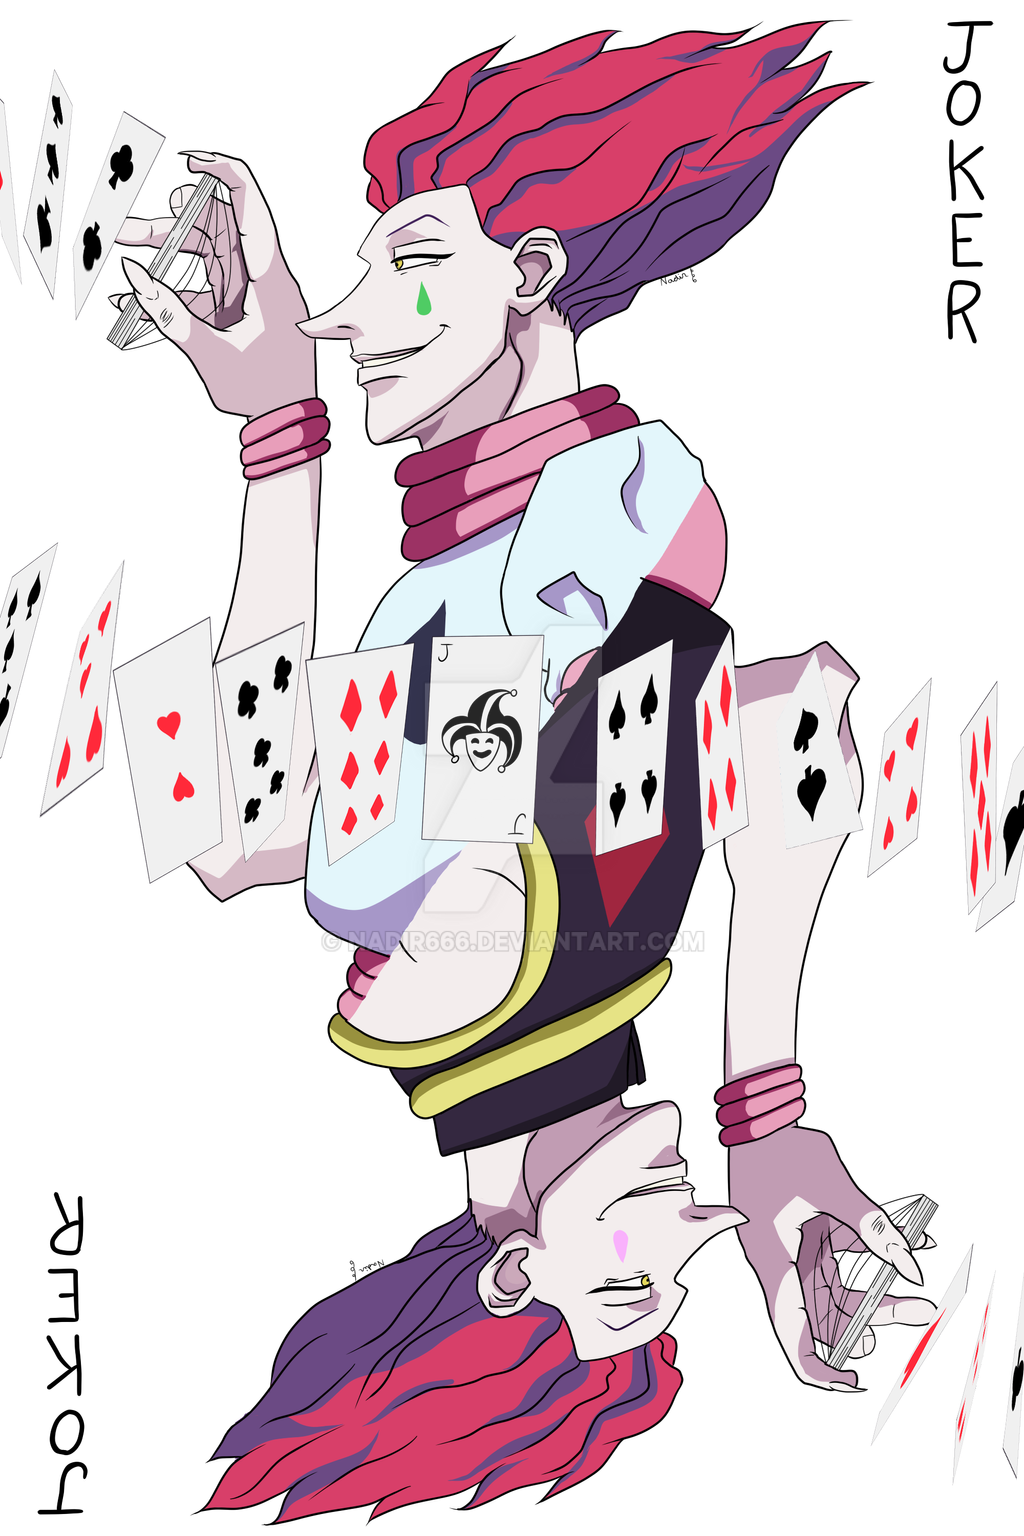 Hisoka Joker Card By Nadir666